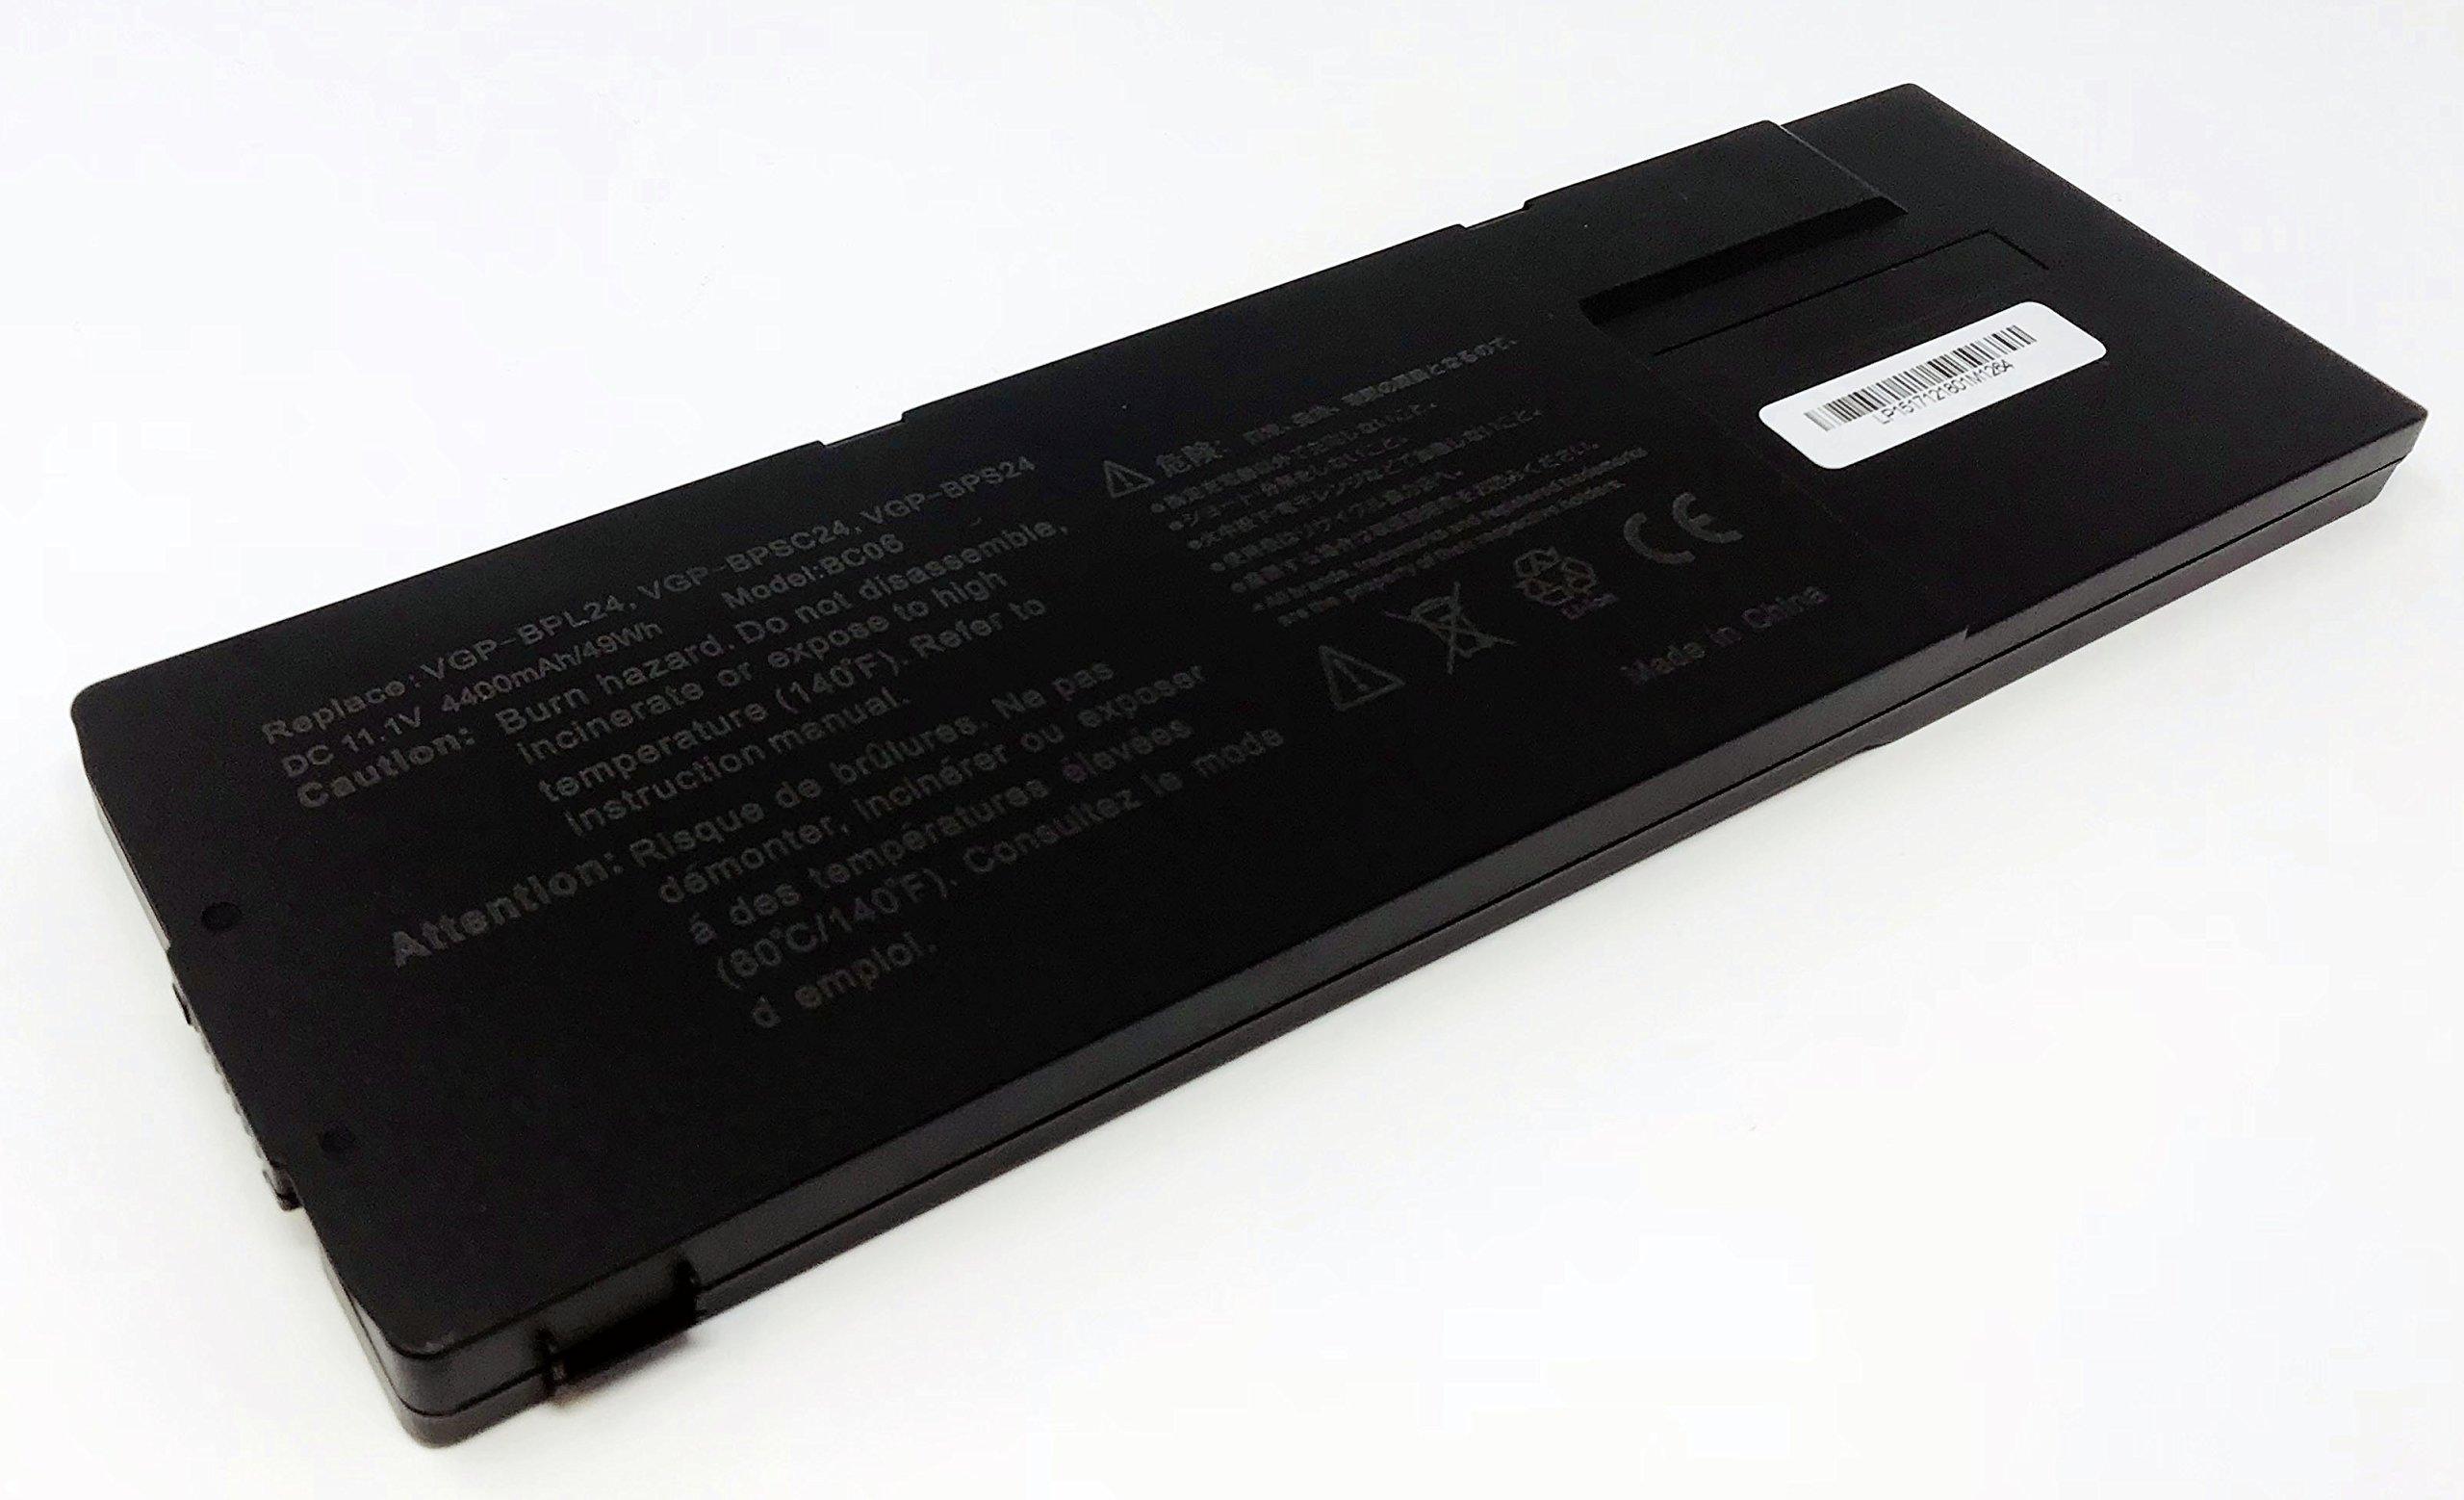 Bateria para VGP-BPS24 Compatible VAIO VGP-BPSC24 VGP-BPL24 para Model VPCSA VPCSB VPCSC VPCSD VPCSE SA SB SC SD SE